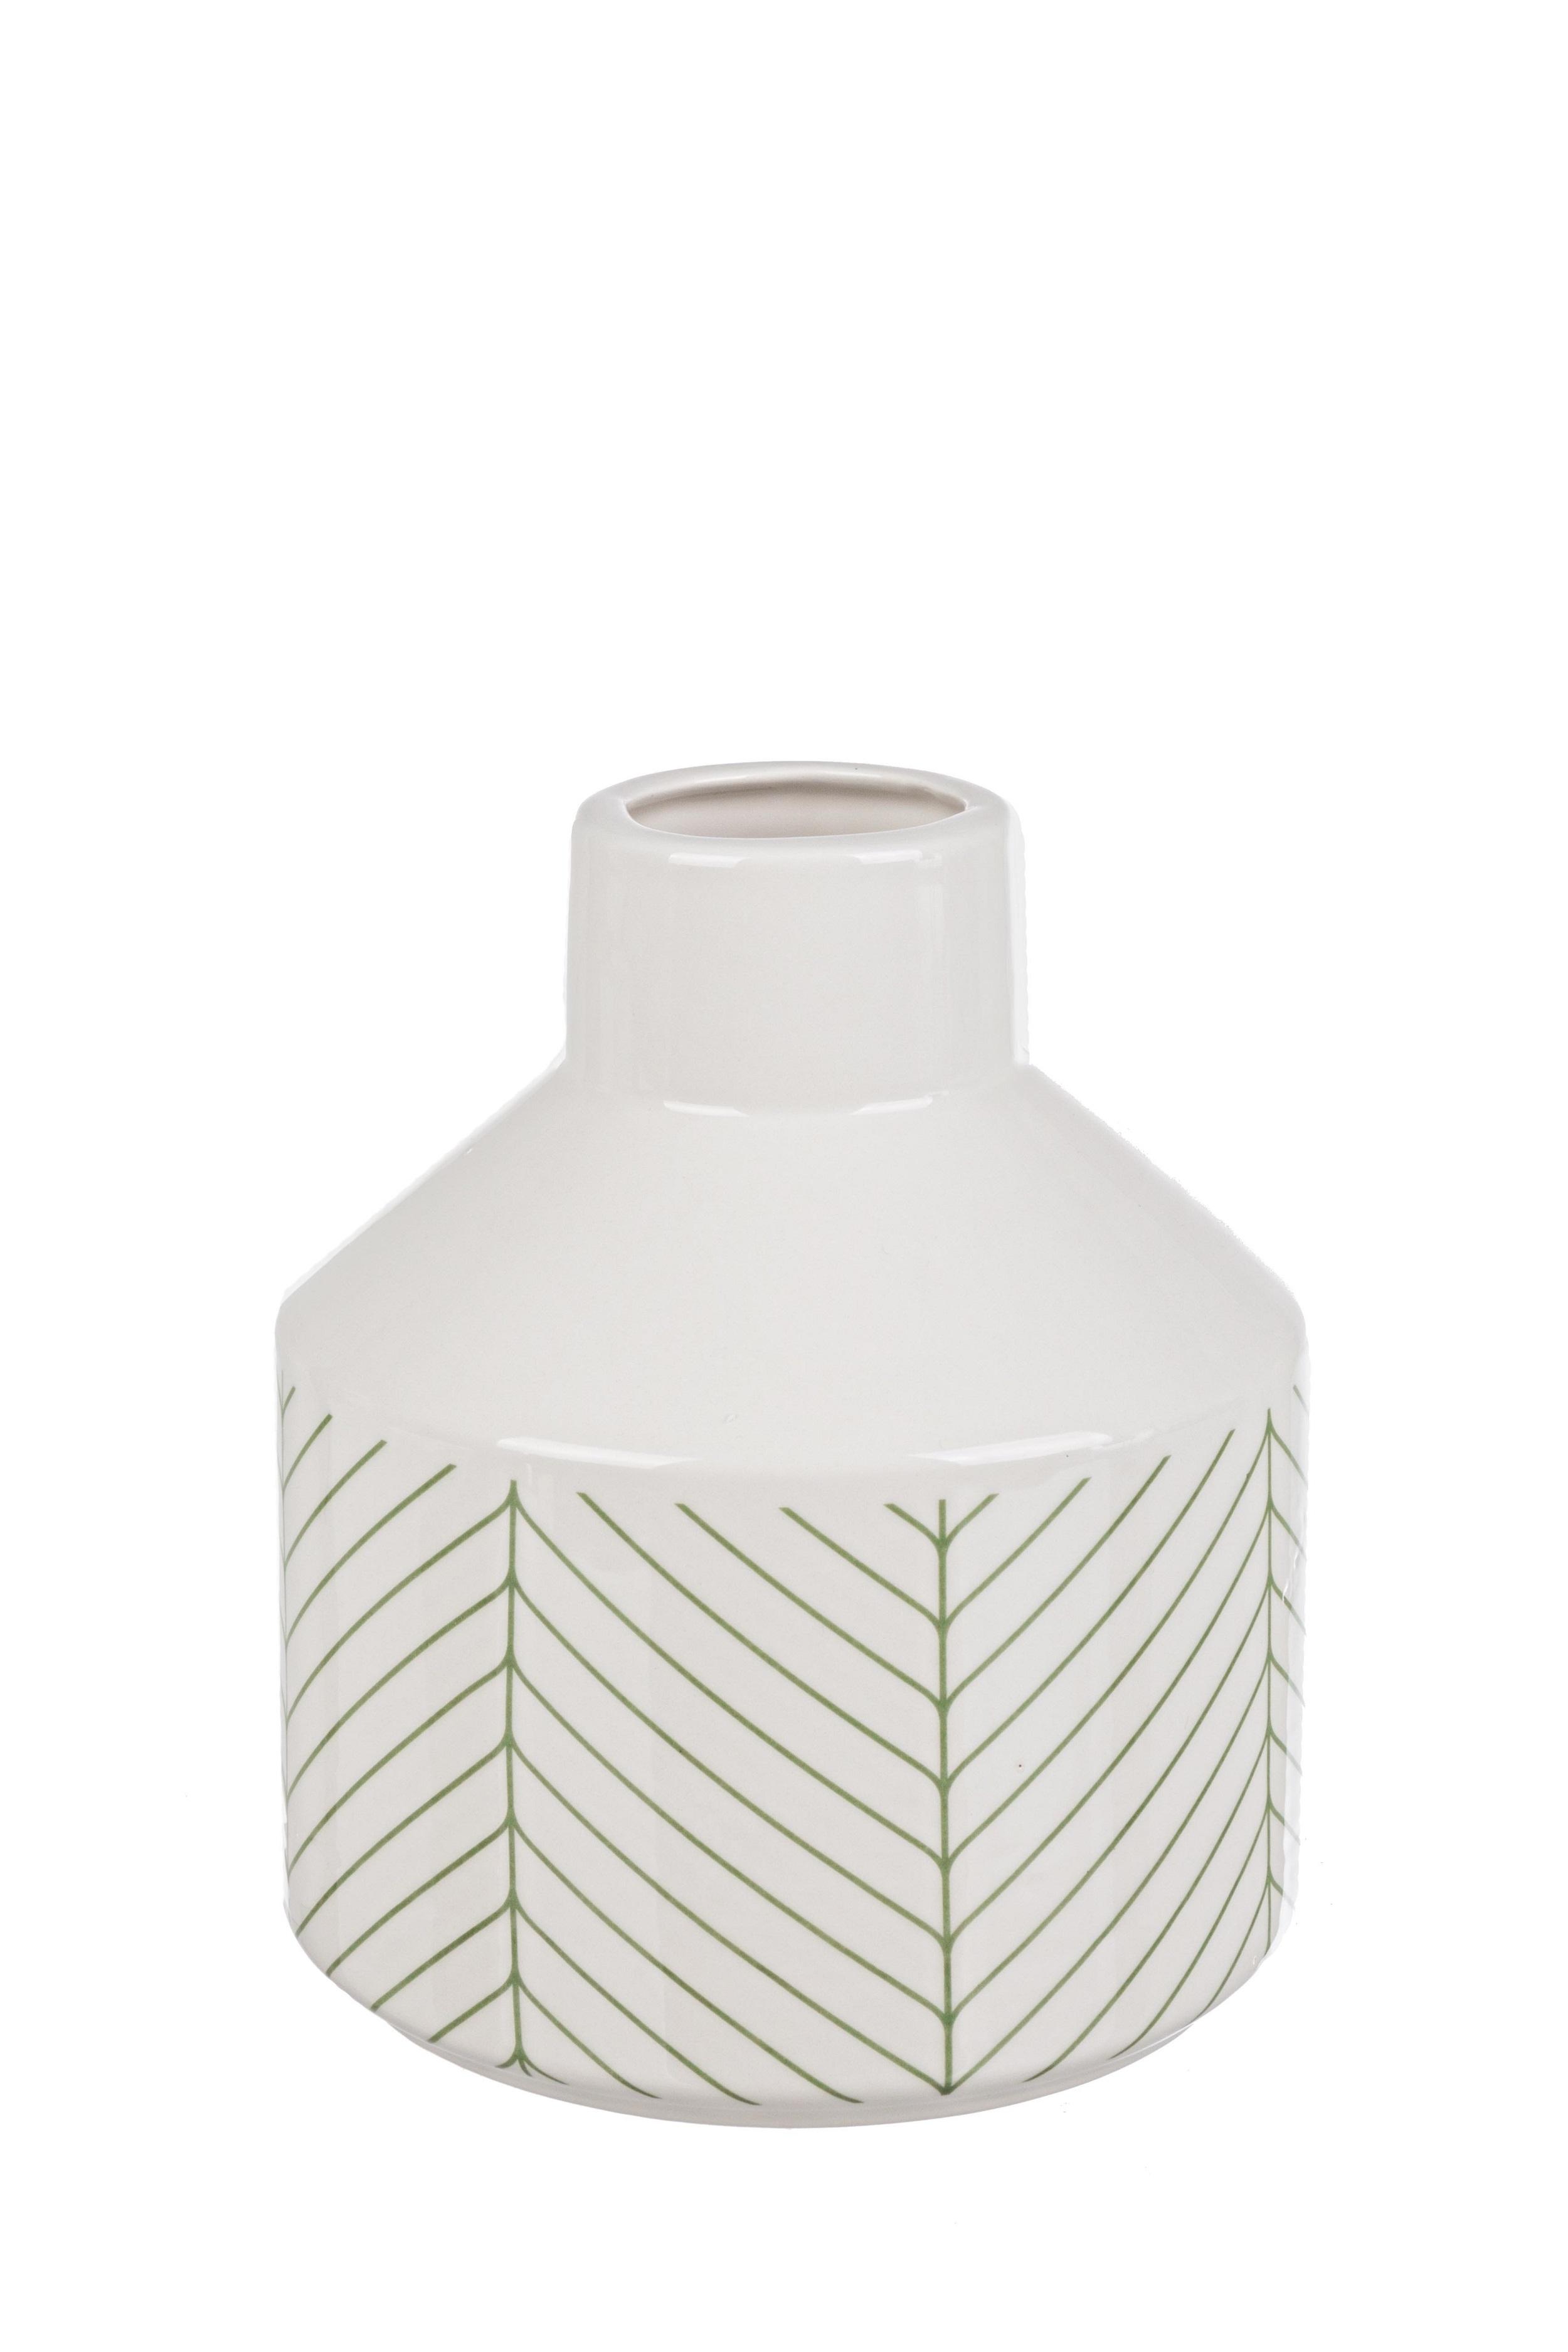 Vaza decorativa din ceramica Leaf S Alb / Verde, Ø17xH19,5 cm poza